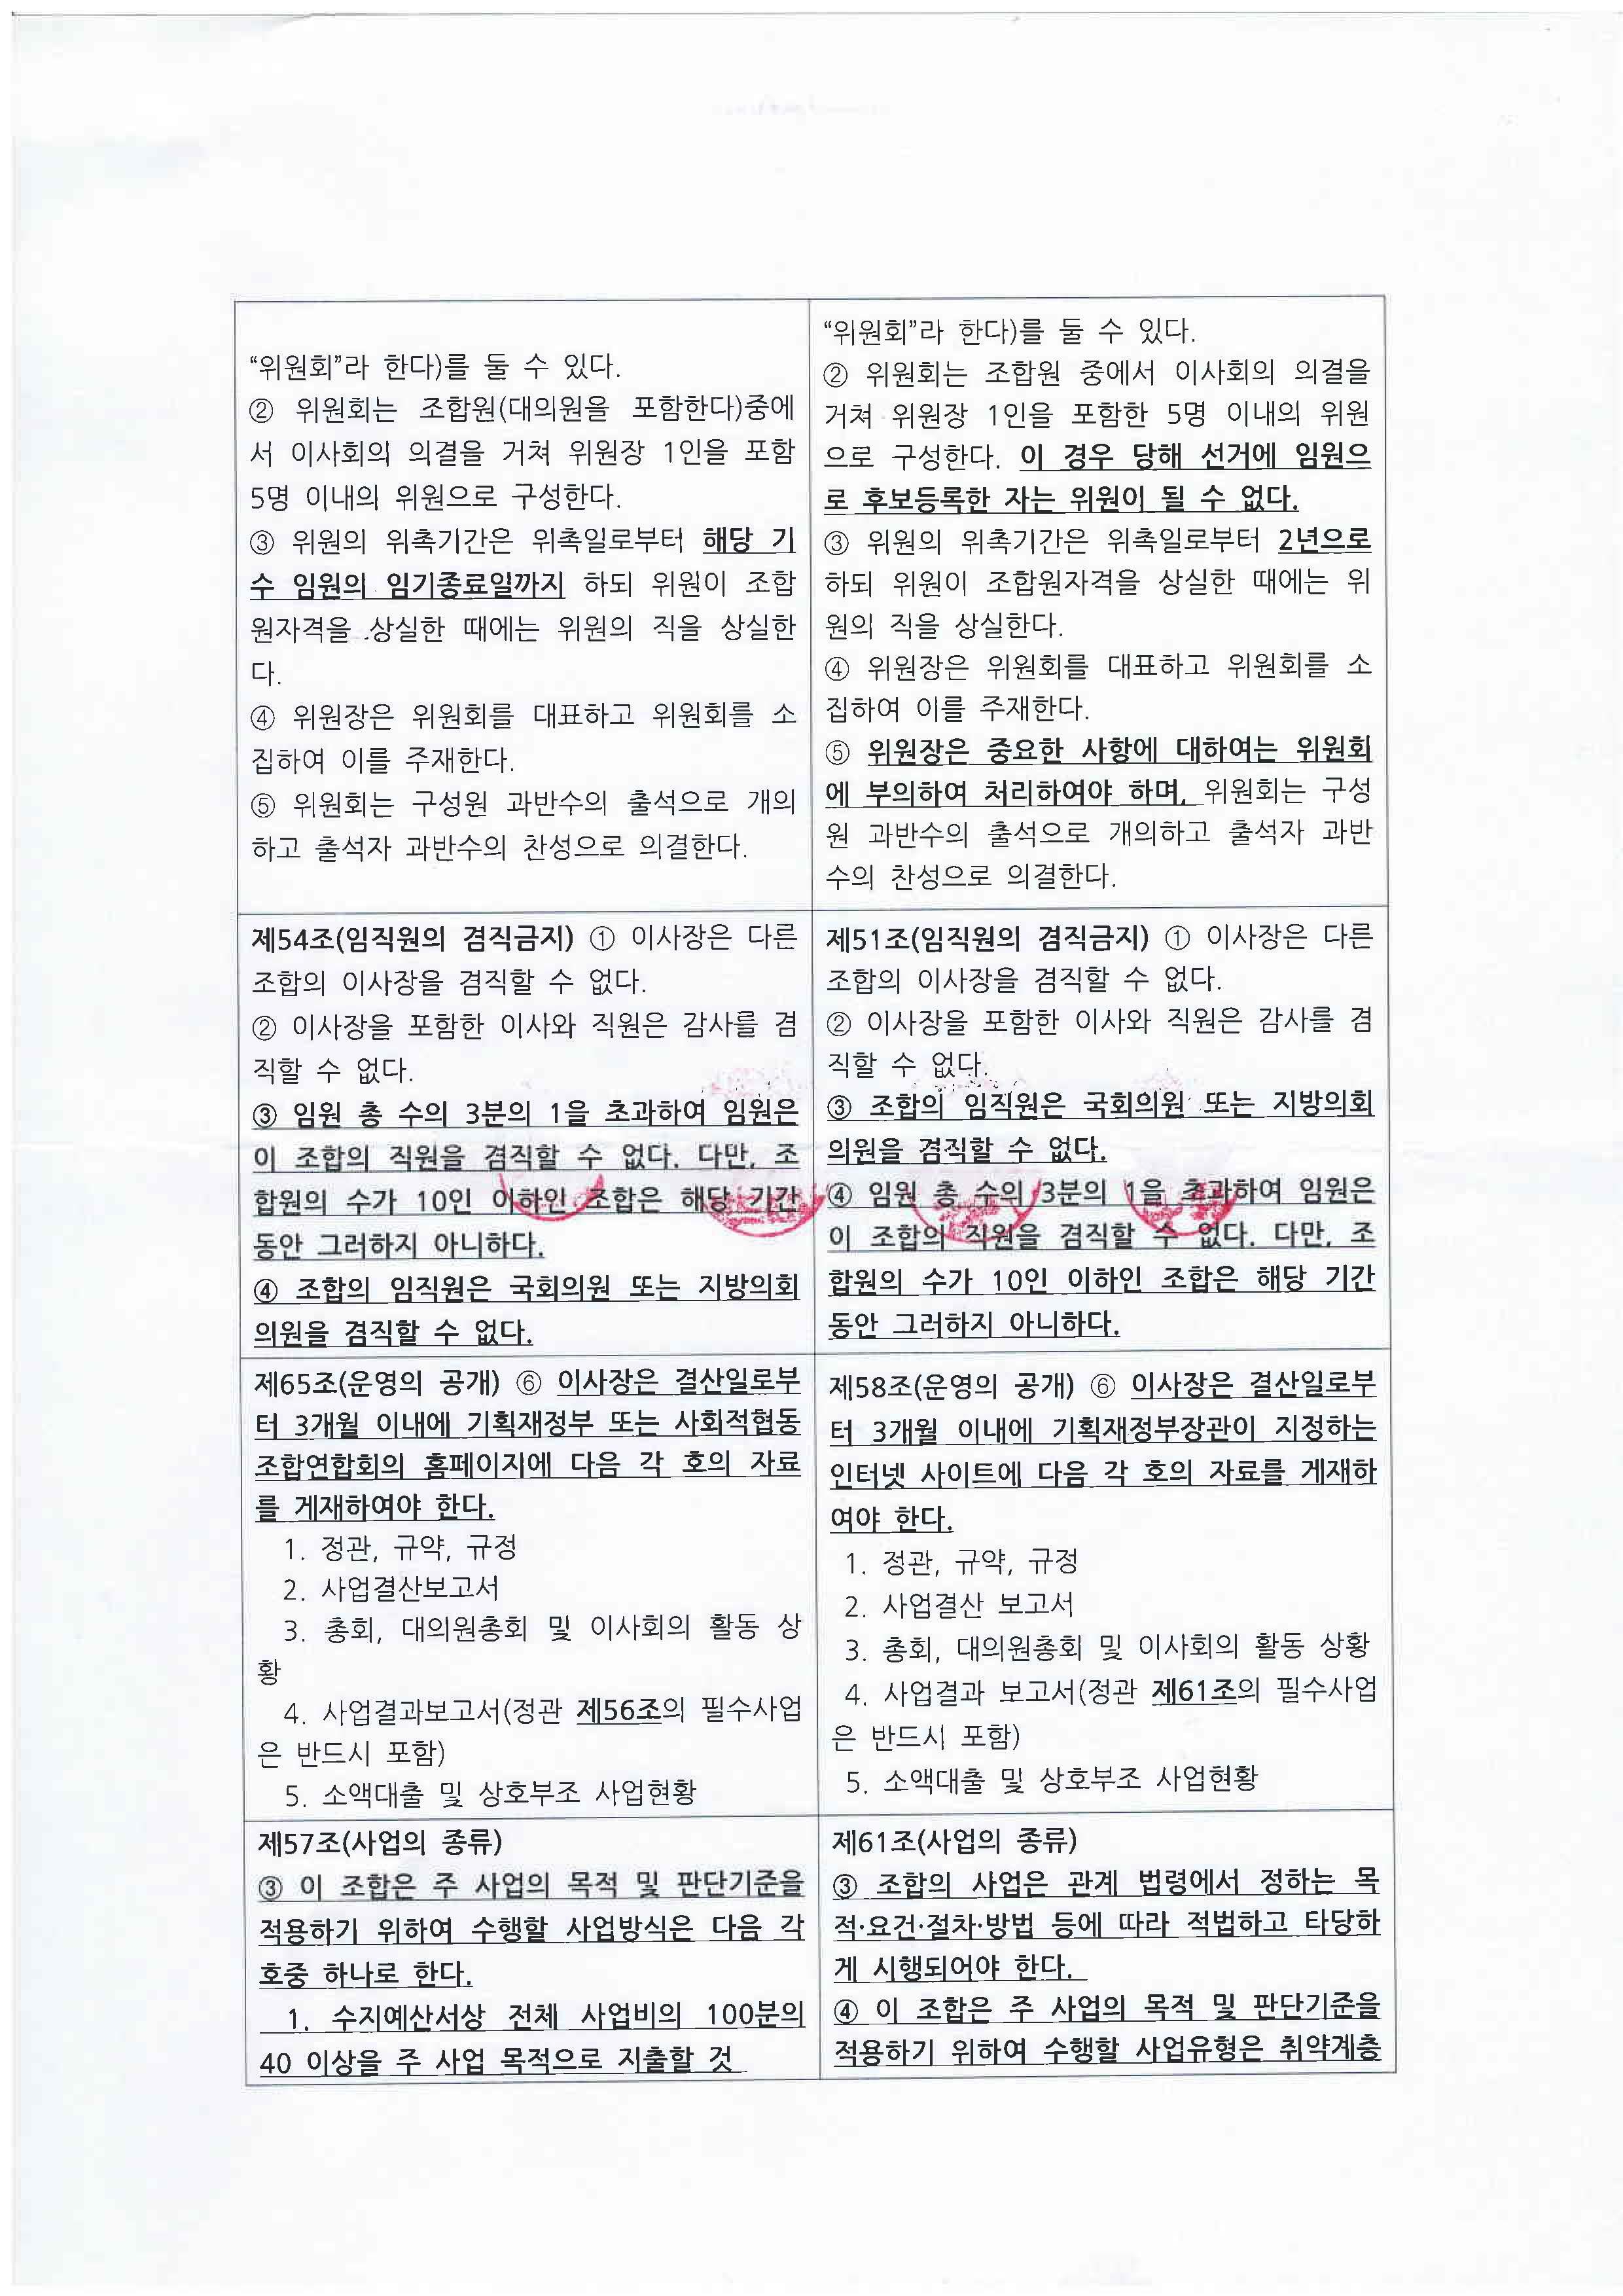 2018년 통합19차 정기총회 의사록(인감)_페이지_09.jpg